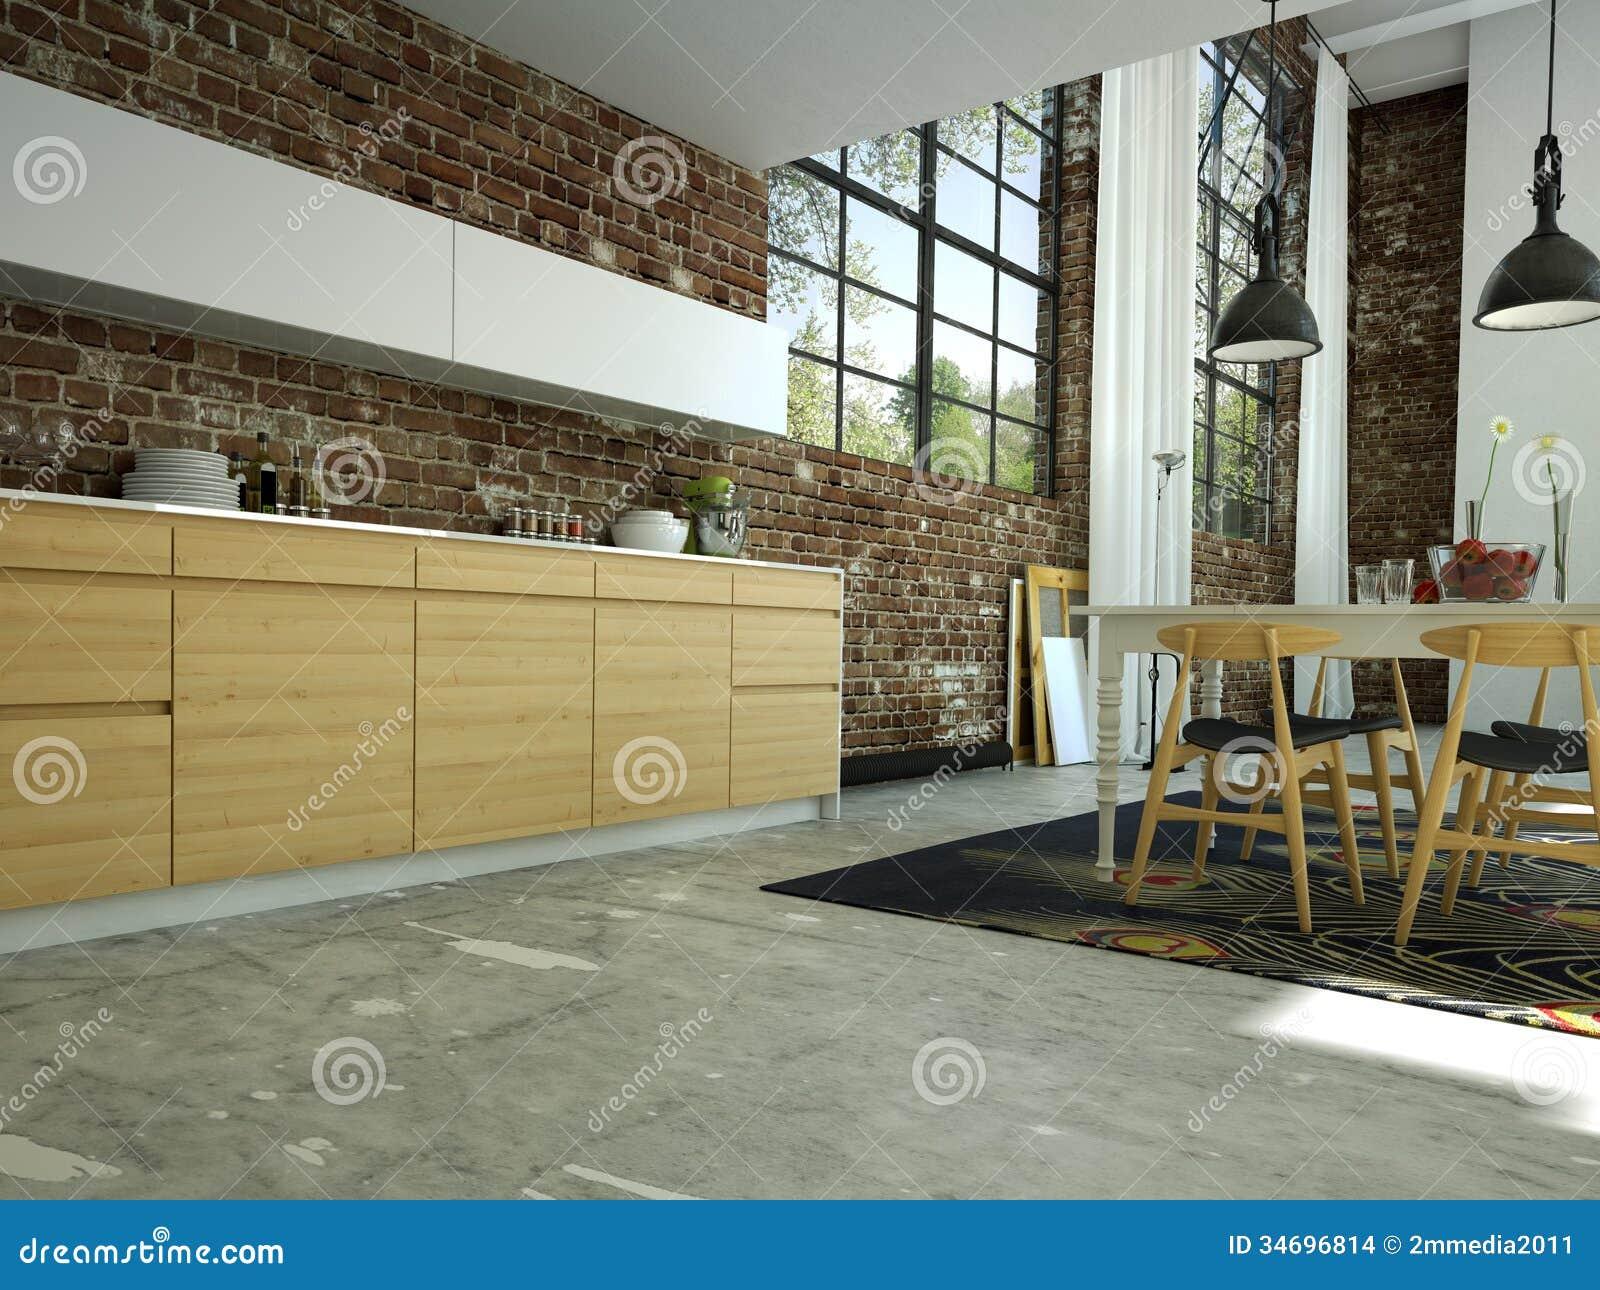 Moderne Küche stock abbildung. Illustration von ziegelstein - 34696814